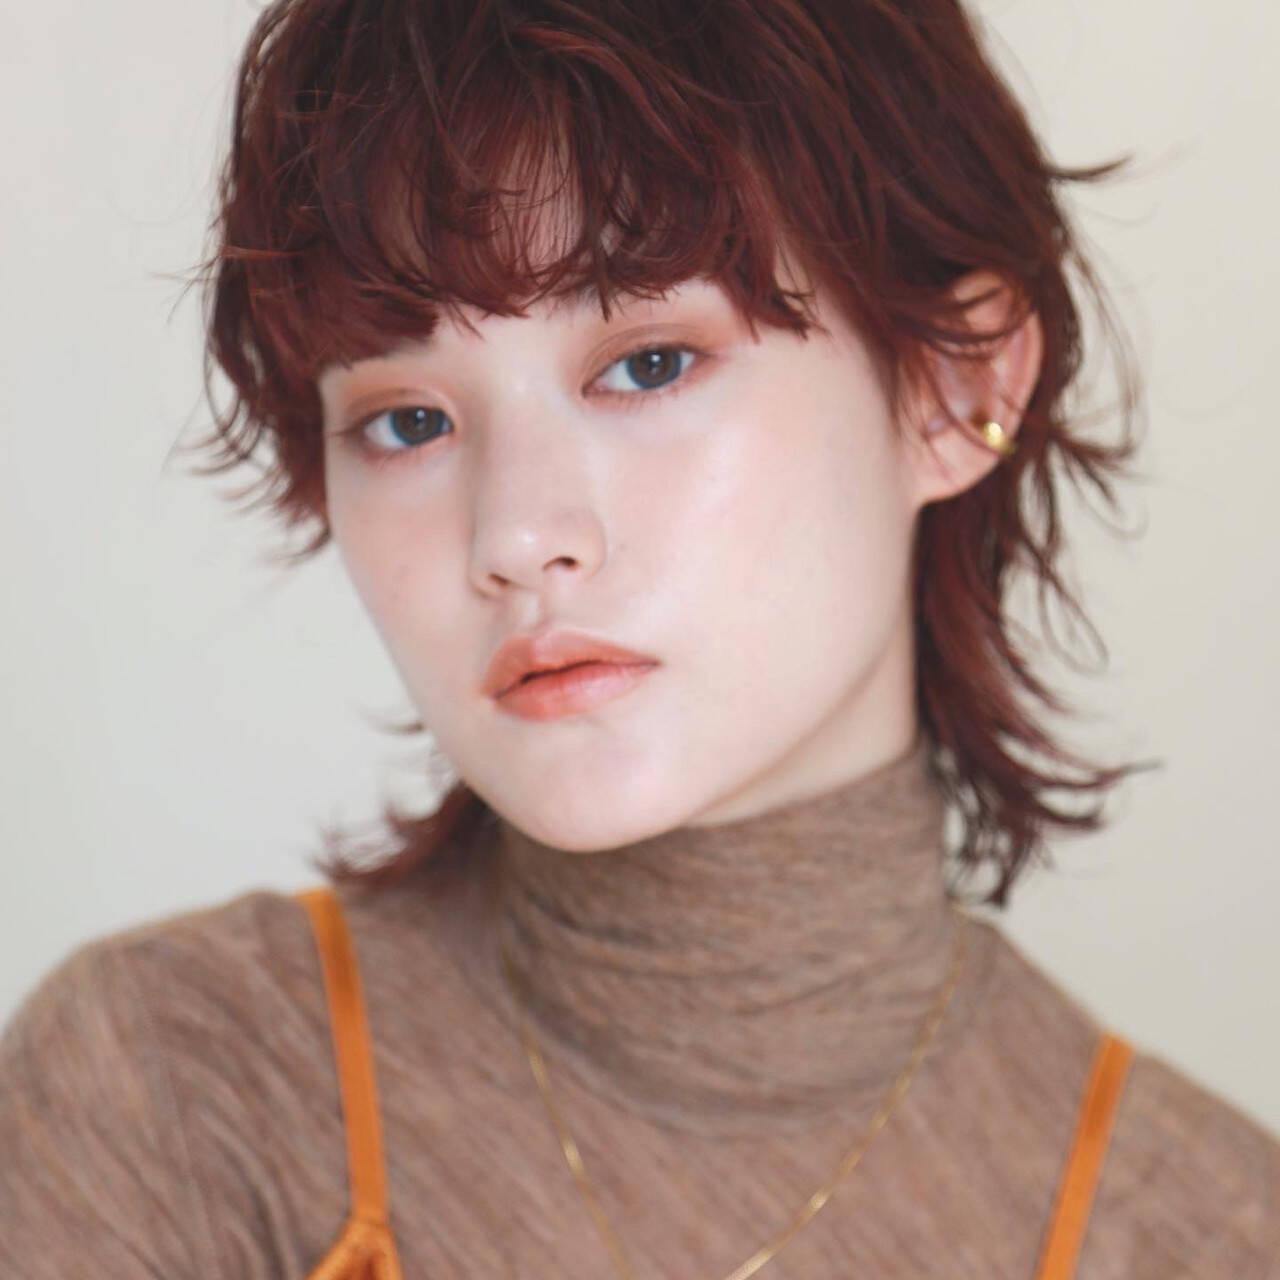 ショート オレンジカラー モード ウルフパーマヘアヘアスタイルや髪型の写真・画像